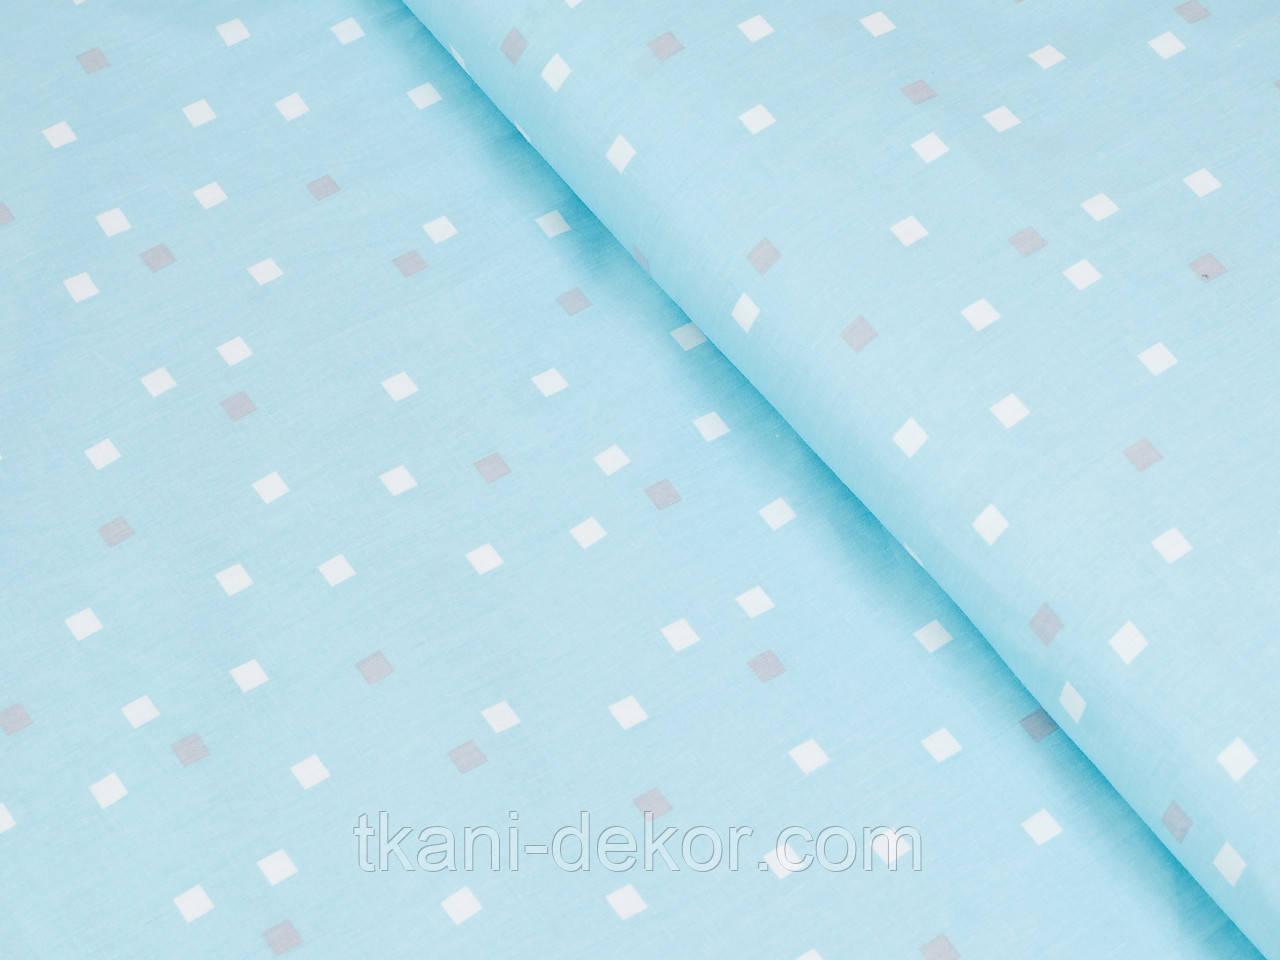 Сатин (хлопковая ткань) на голубом фоне квадраты бело-серые